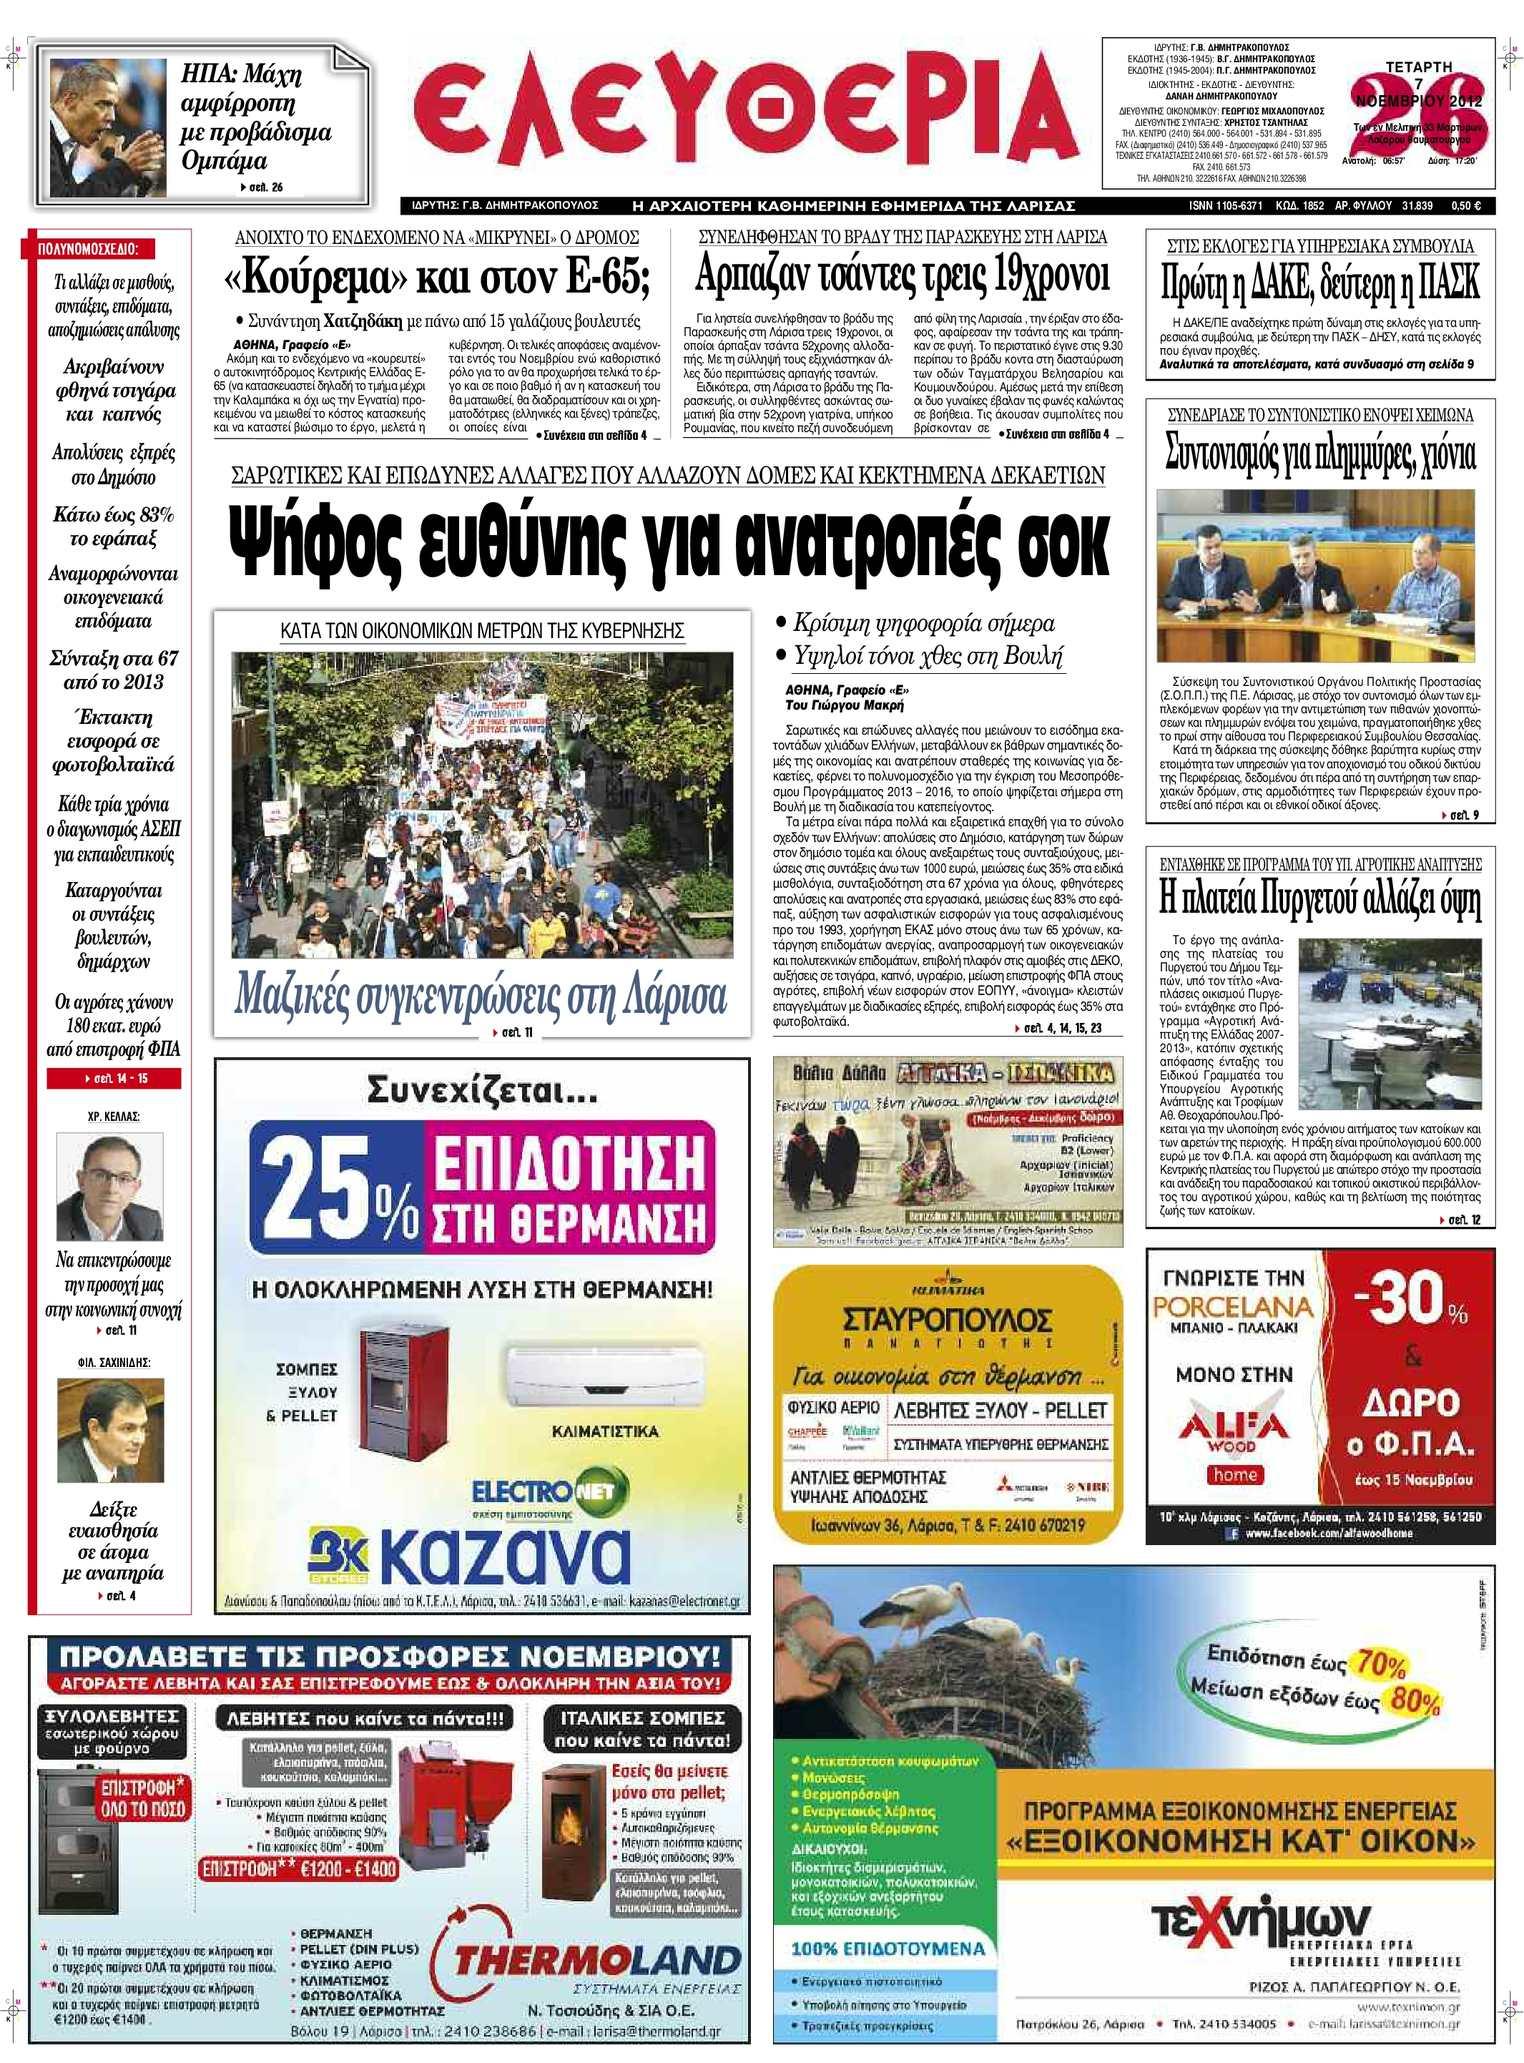 Calaméo - Eleftheria.gr 07 10 2012 4604d492519